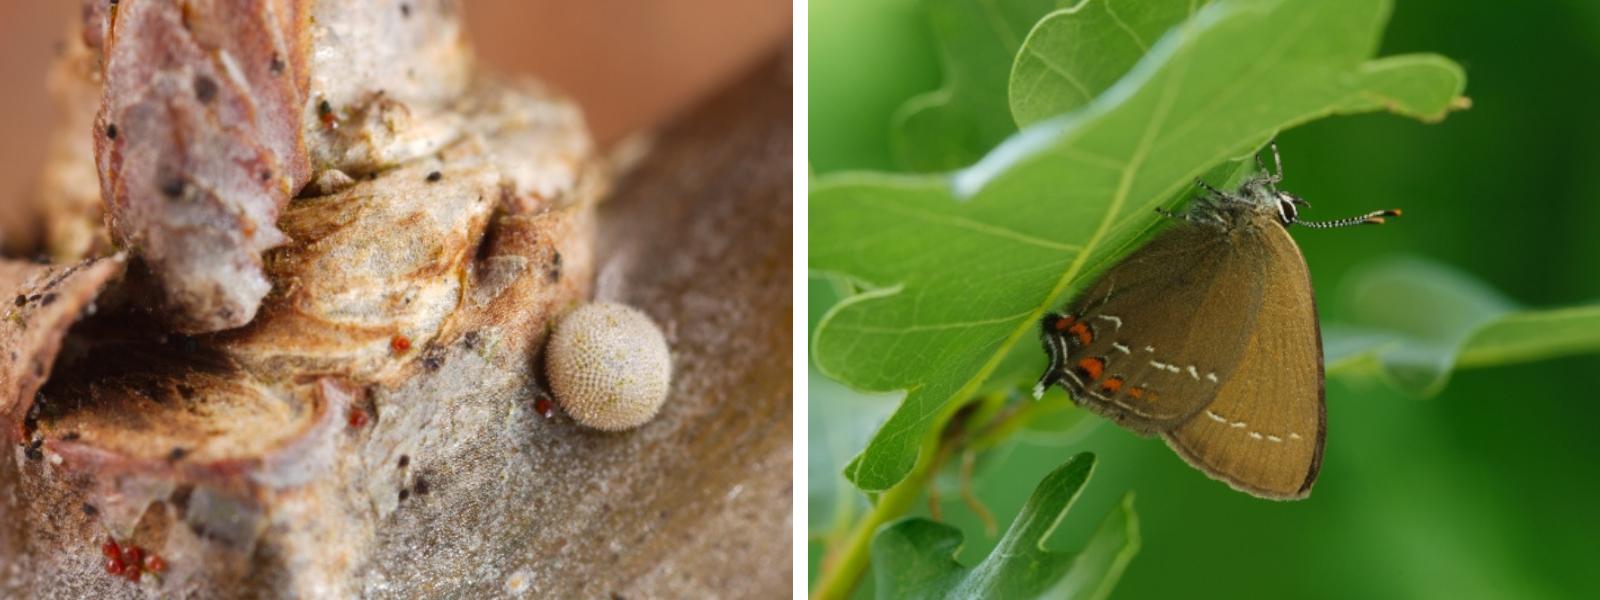 La Thécla de l'yeuse (à droite) pond ses œufs (à gauche) sur le chêne pédonculé